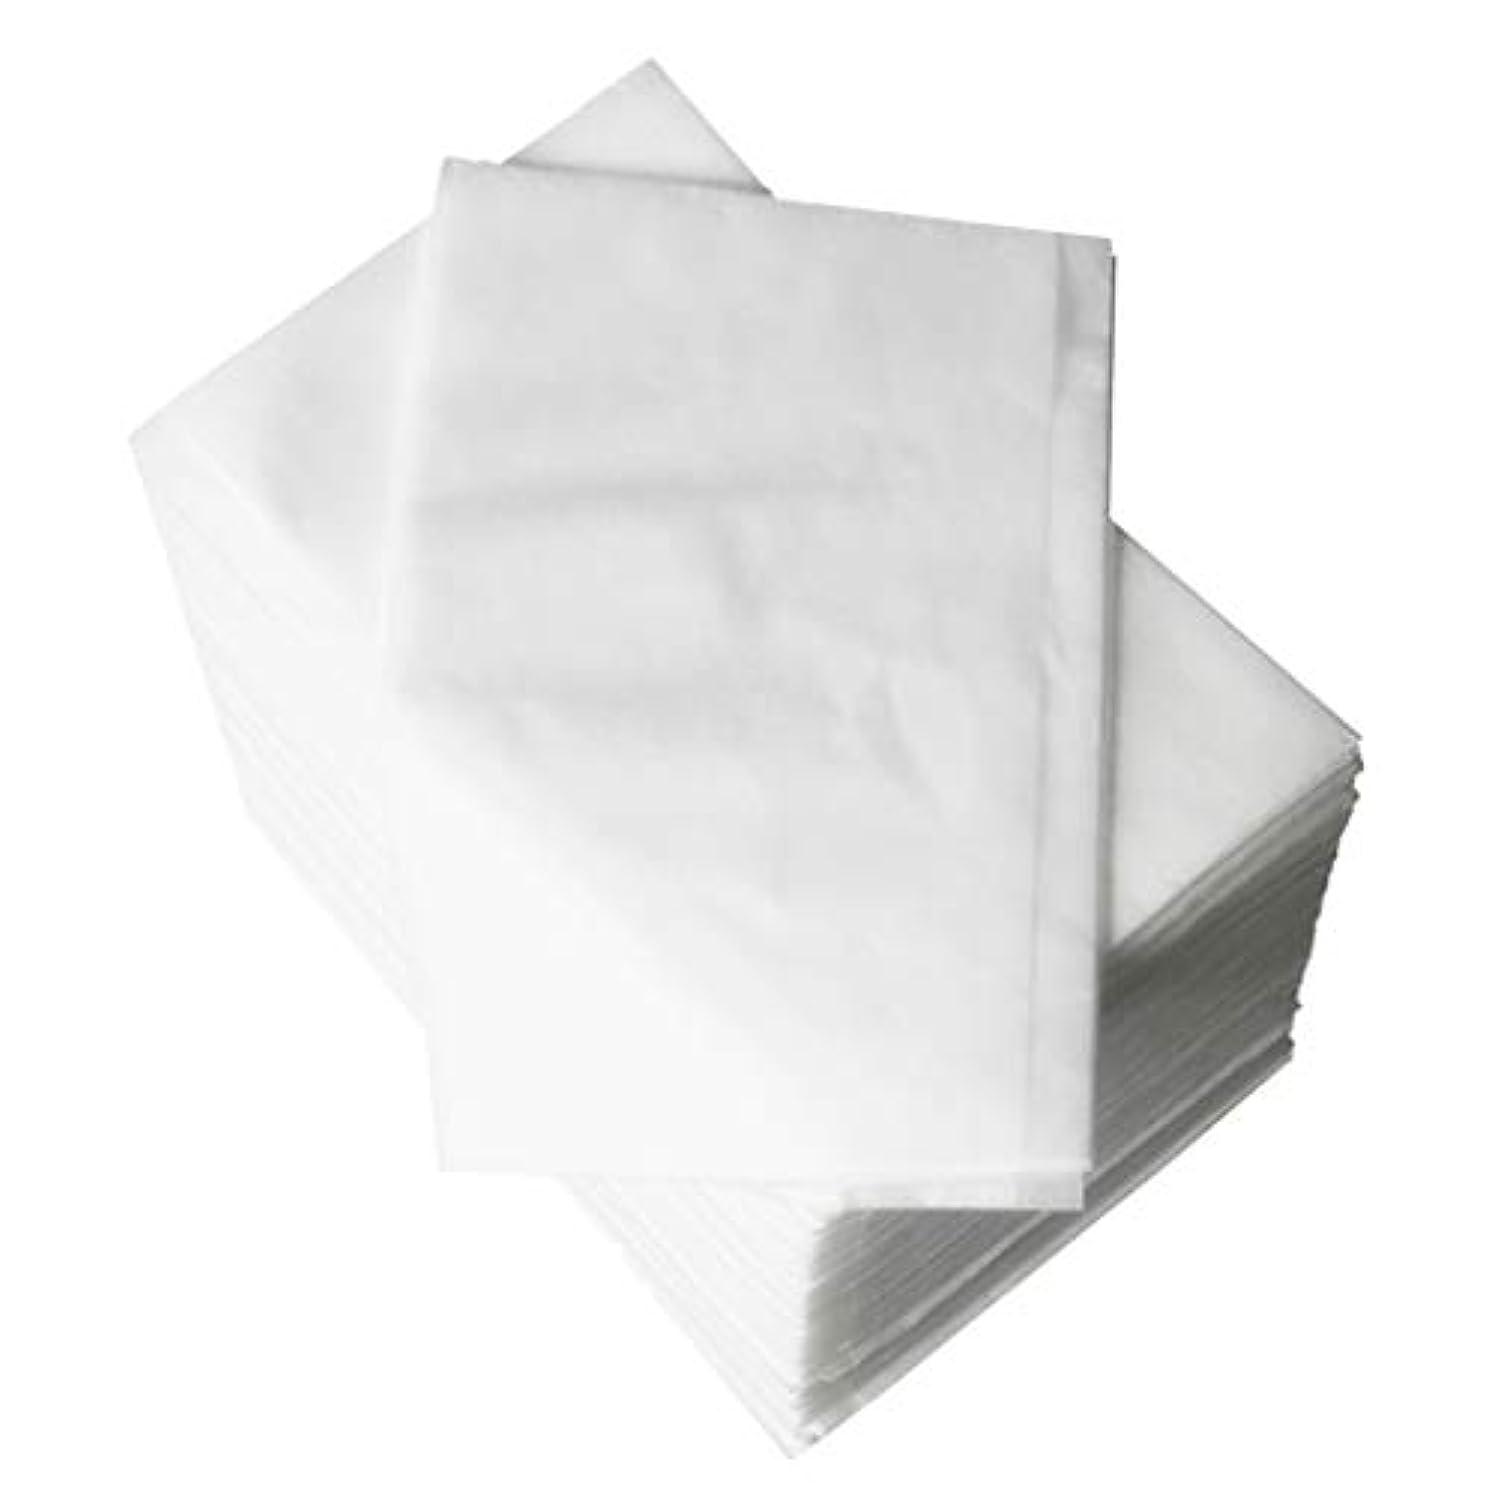 りんご料理宿命スパベッドカバー 使い捨て 耐久性 使い捨てベッドシーツ ブルー ホワイト - 白